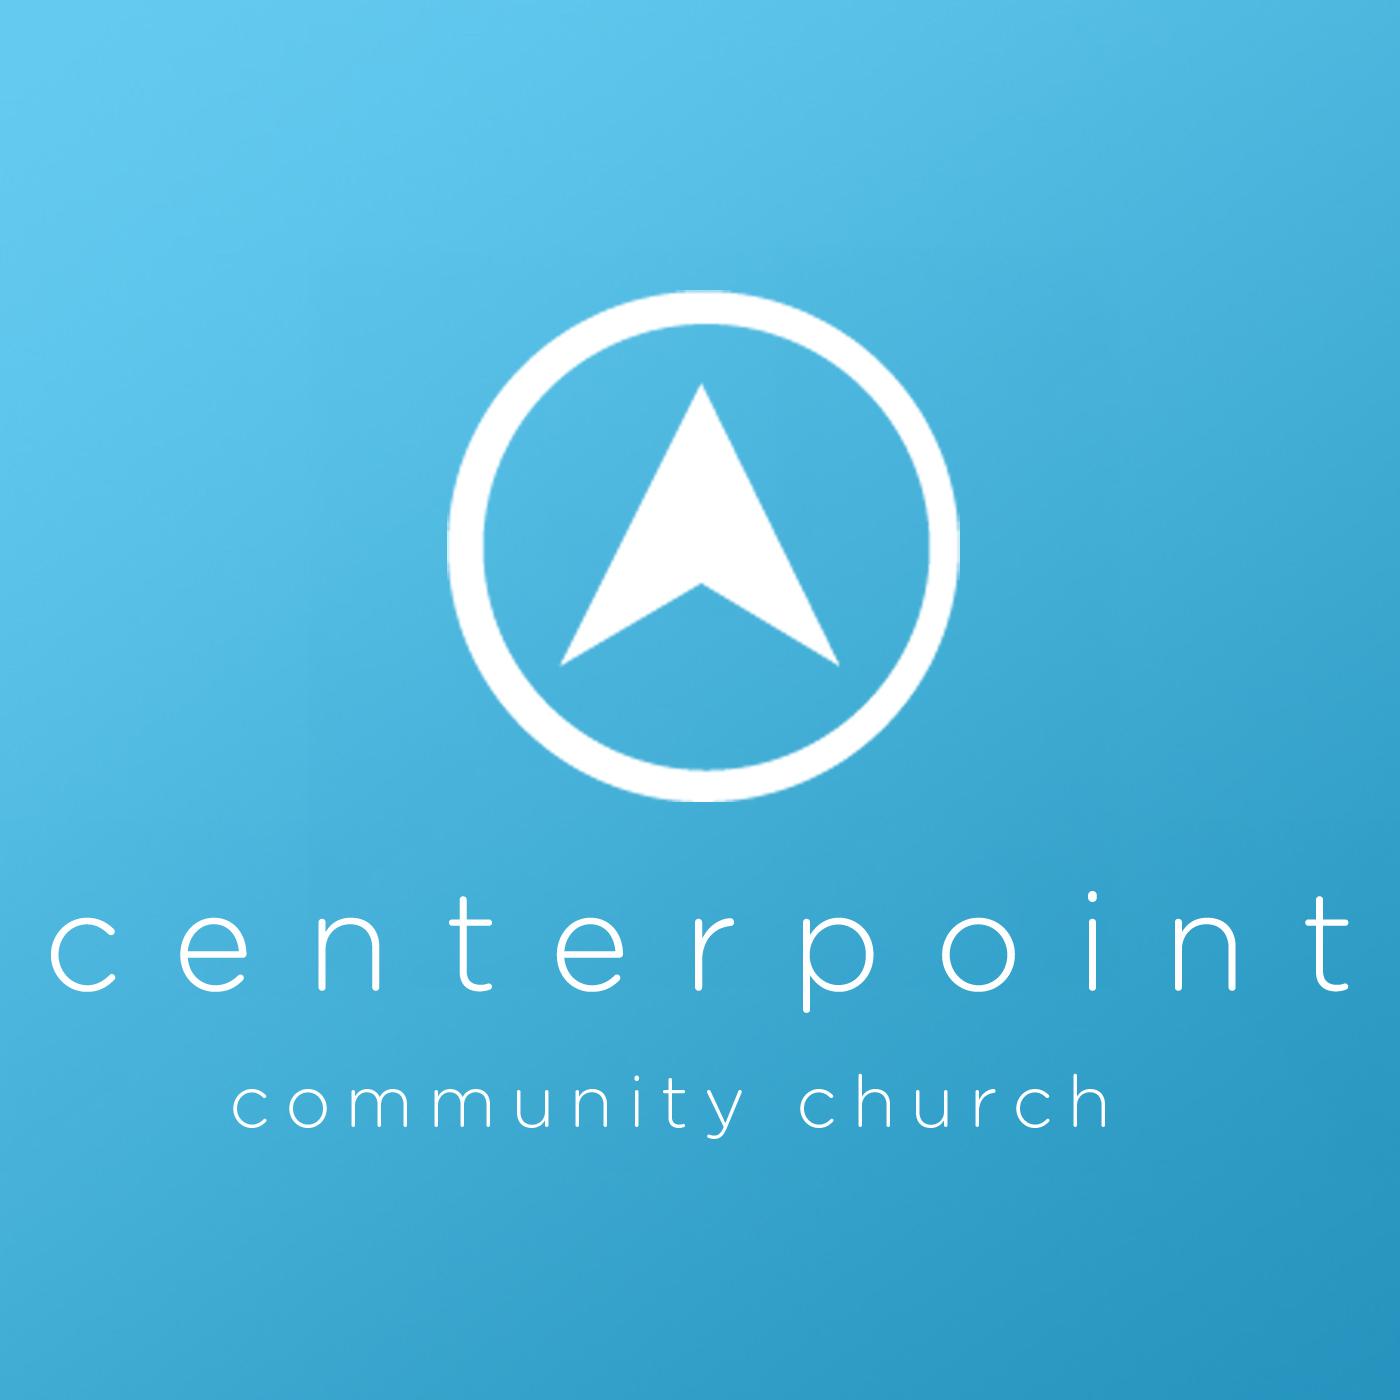 Listen - Centerpoint Community Church